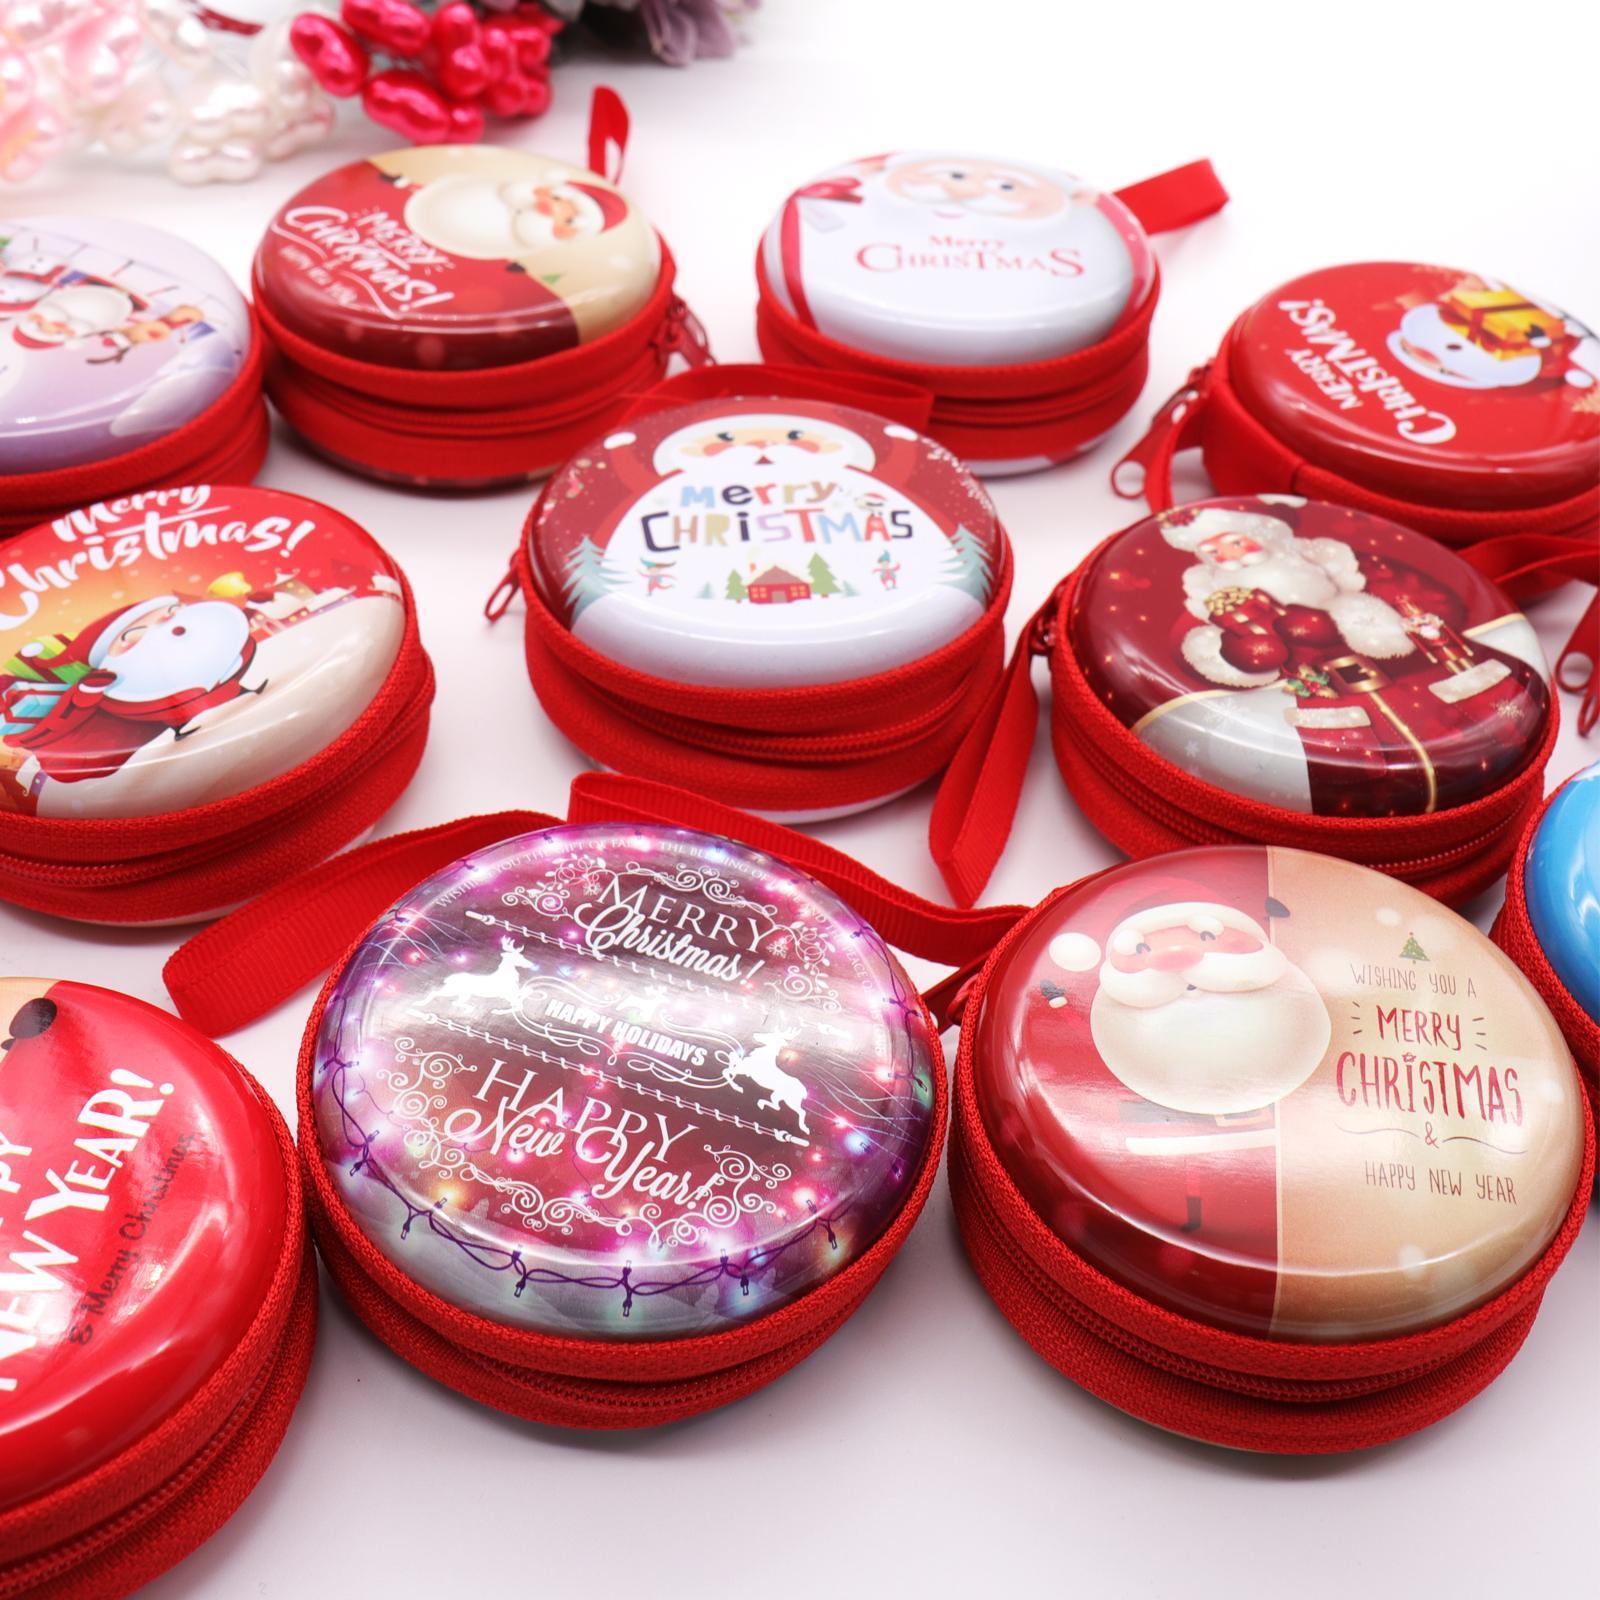 7.5x7.5cm Navidad Metal Candy Chocolate Box Santa Claus Colgante Auricular Bolsa Fiesta DIY Decoraciones para niños